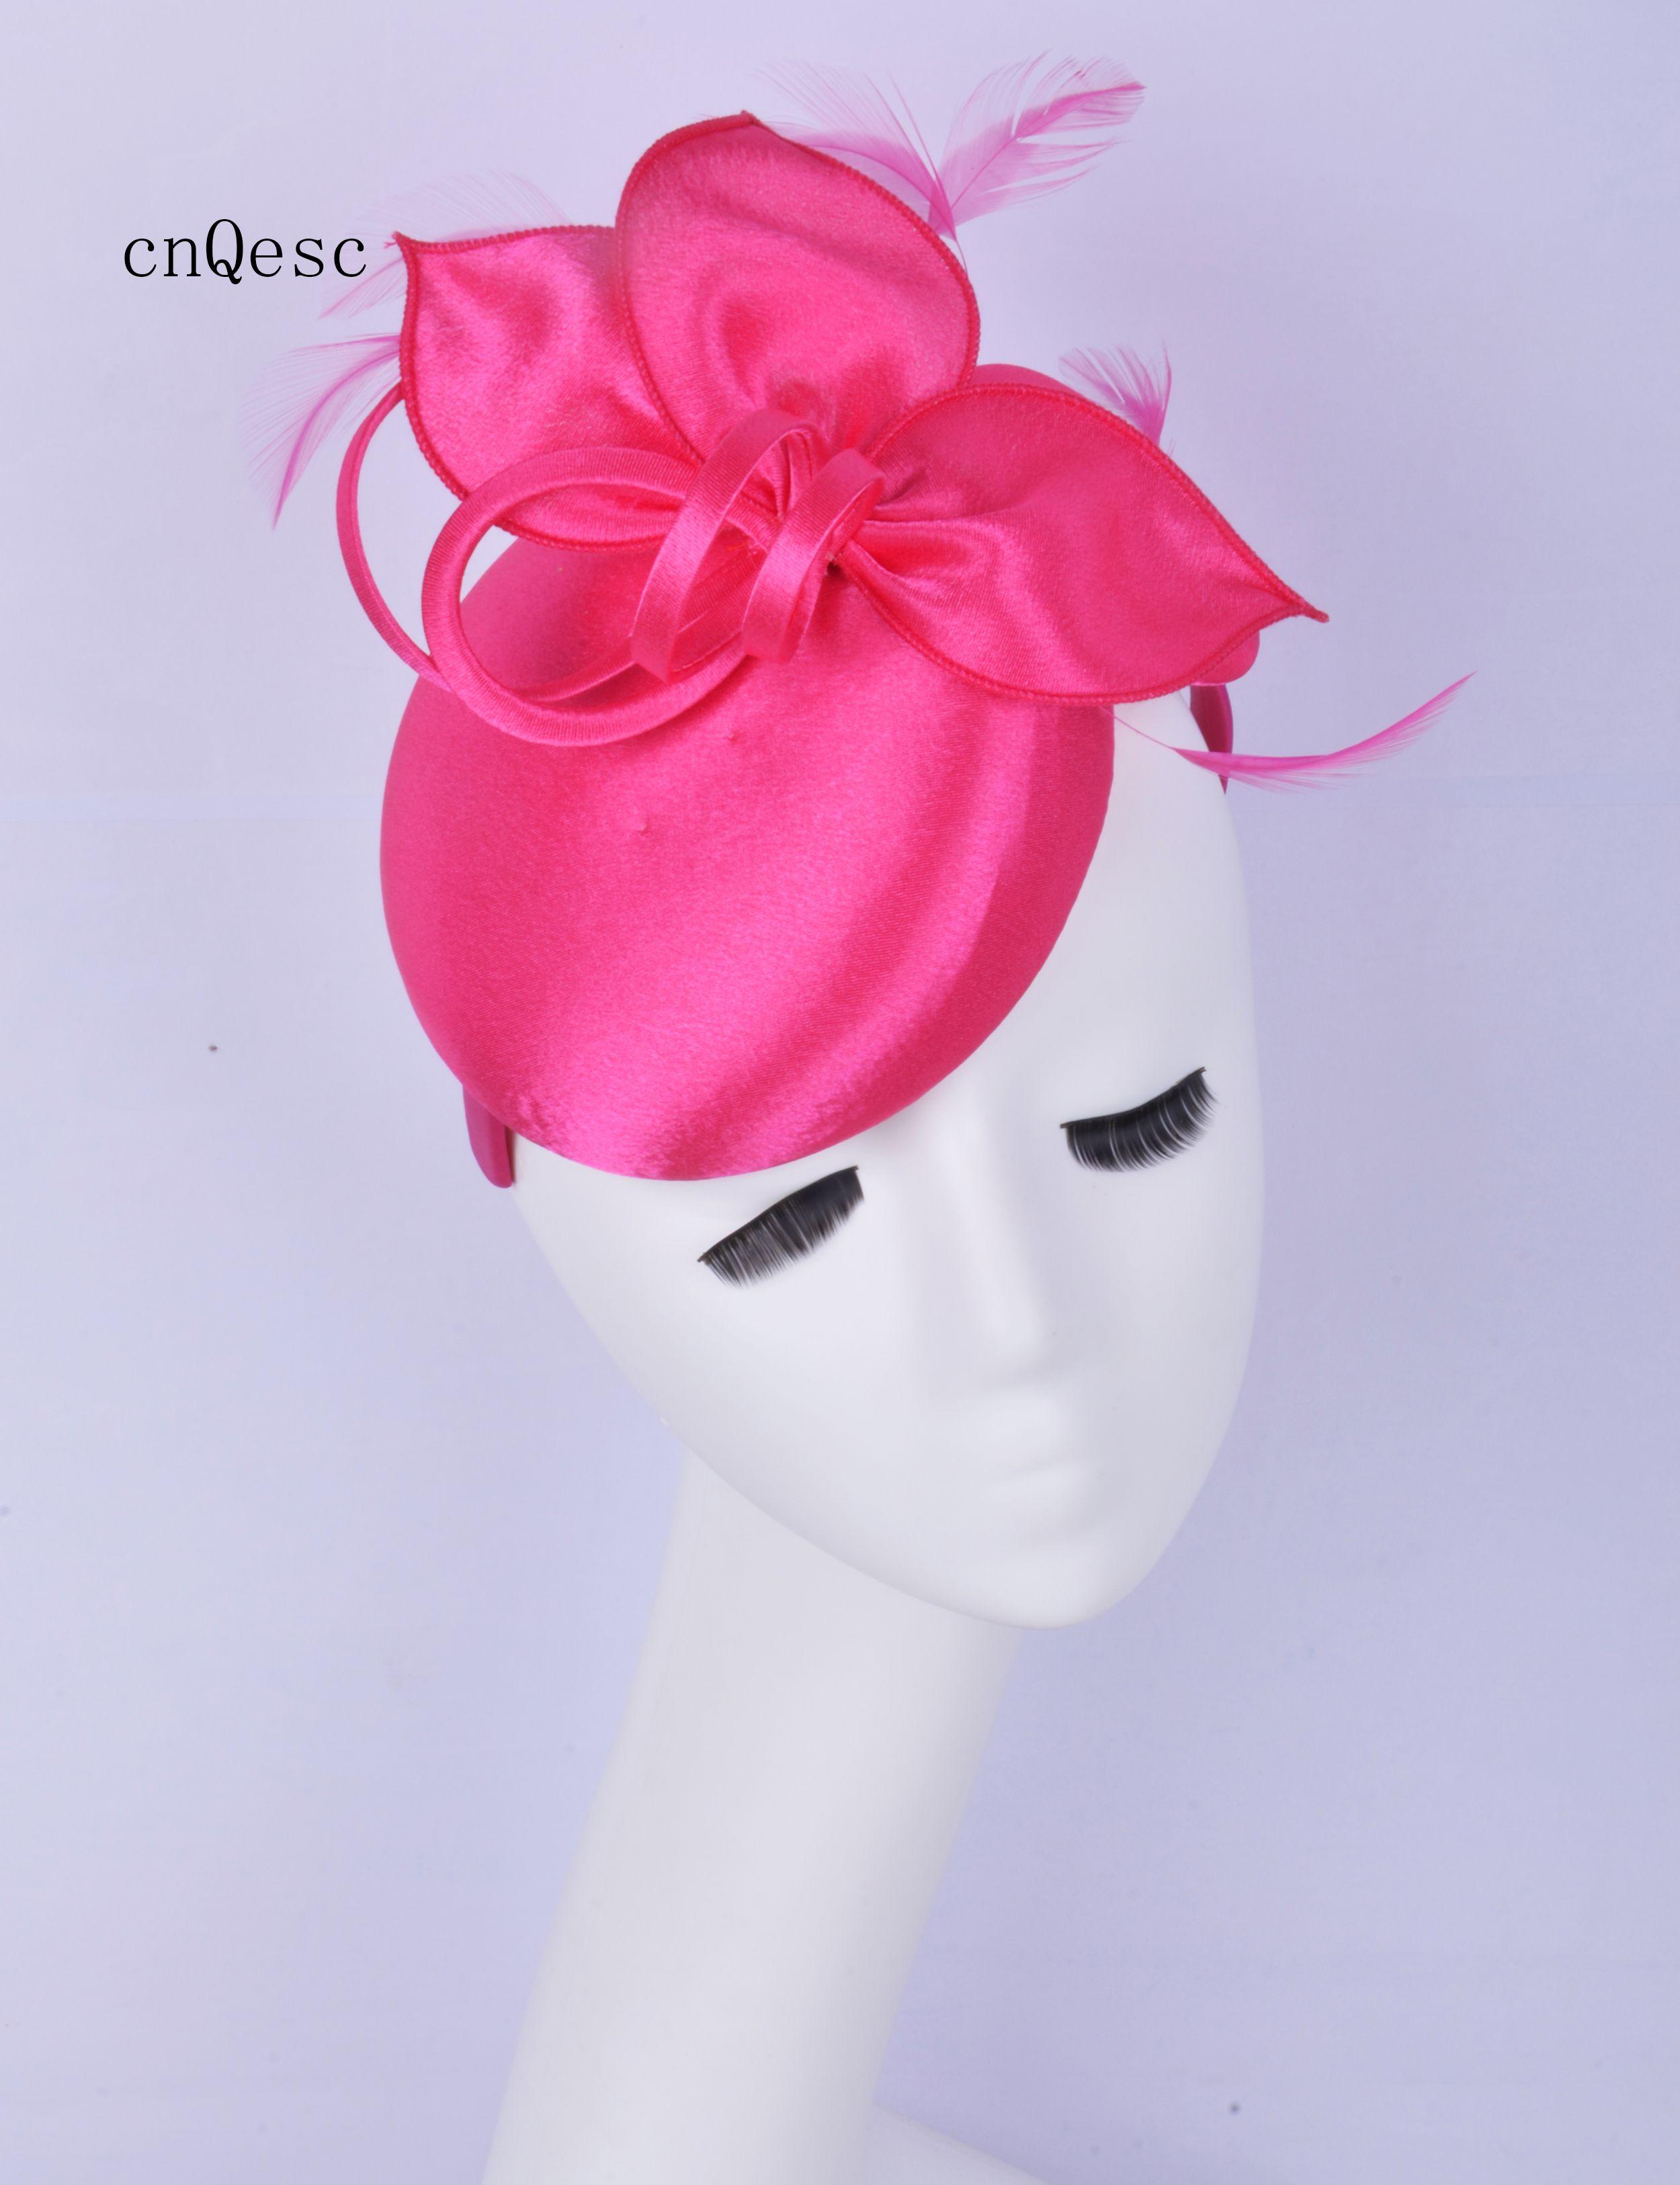 2019 Cappello da cerimonia per signora piccolo abito da cerimonia in raso rosa caldo per cappello da sposa per la doccia da sposa madre della sposa con piume.